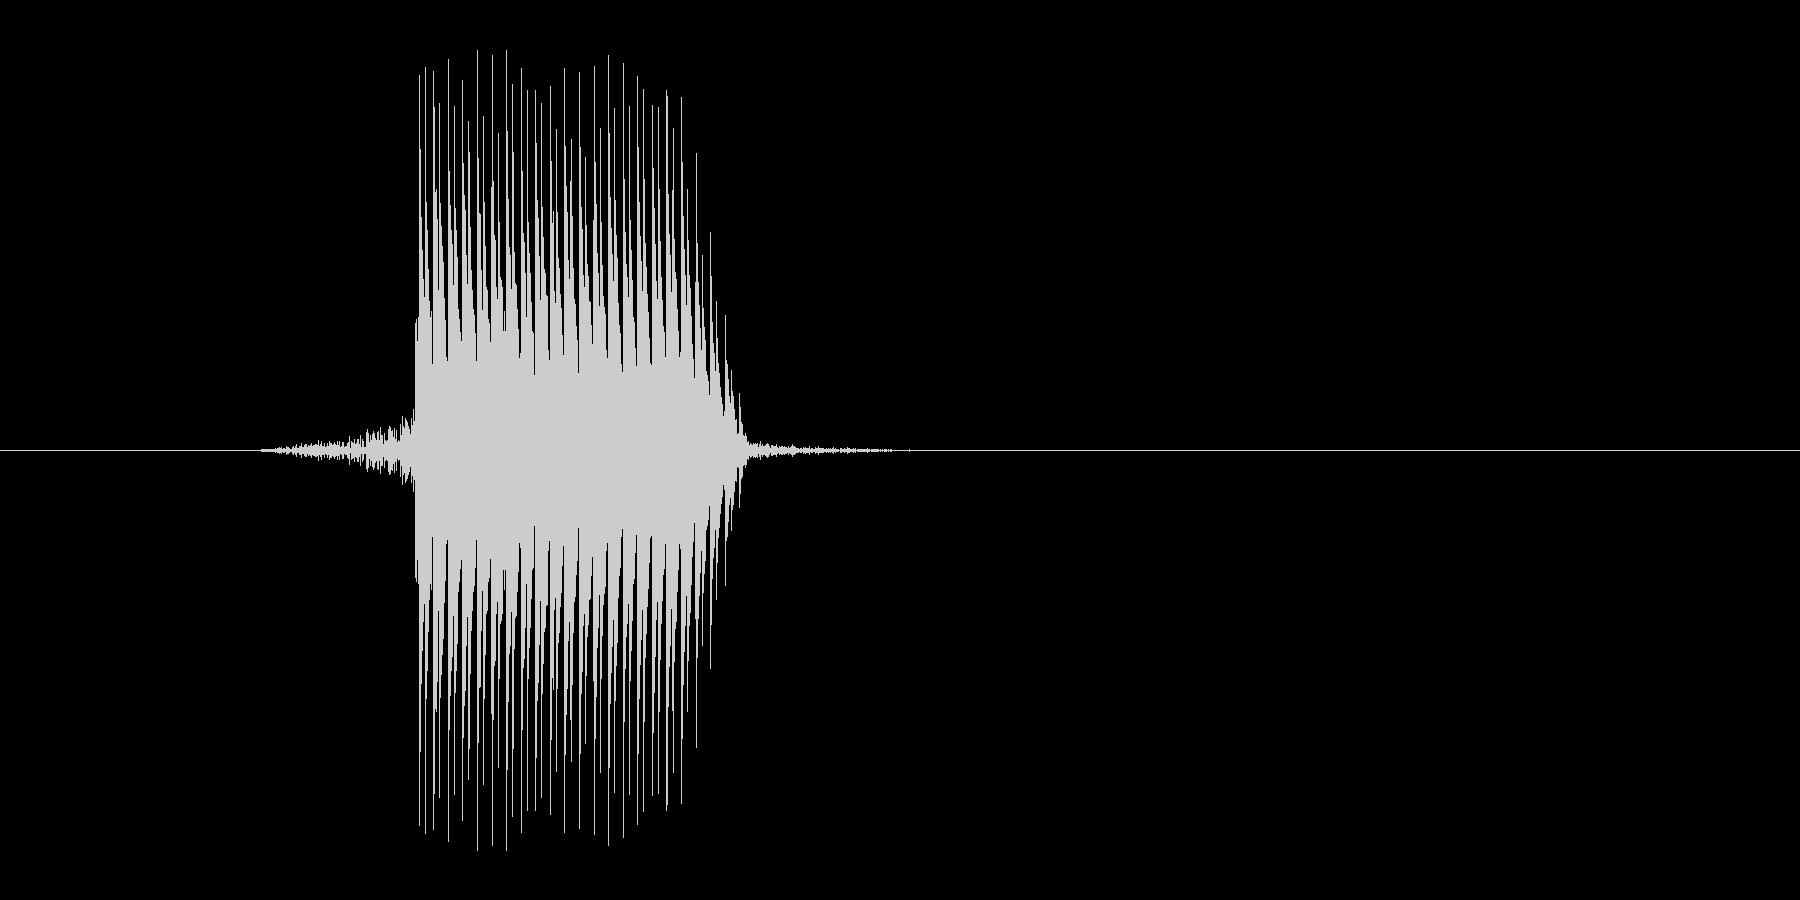 ゲーム(ファミコン風)セレクト音_037の未再生の波形